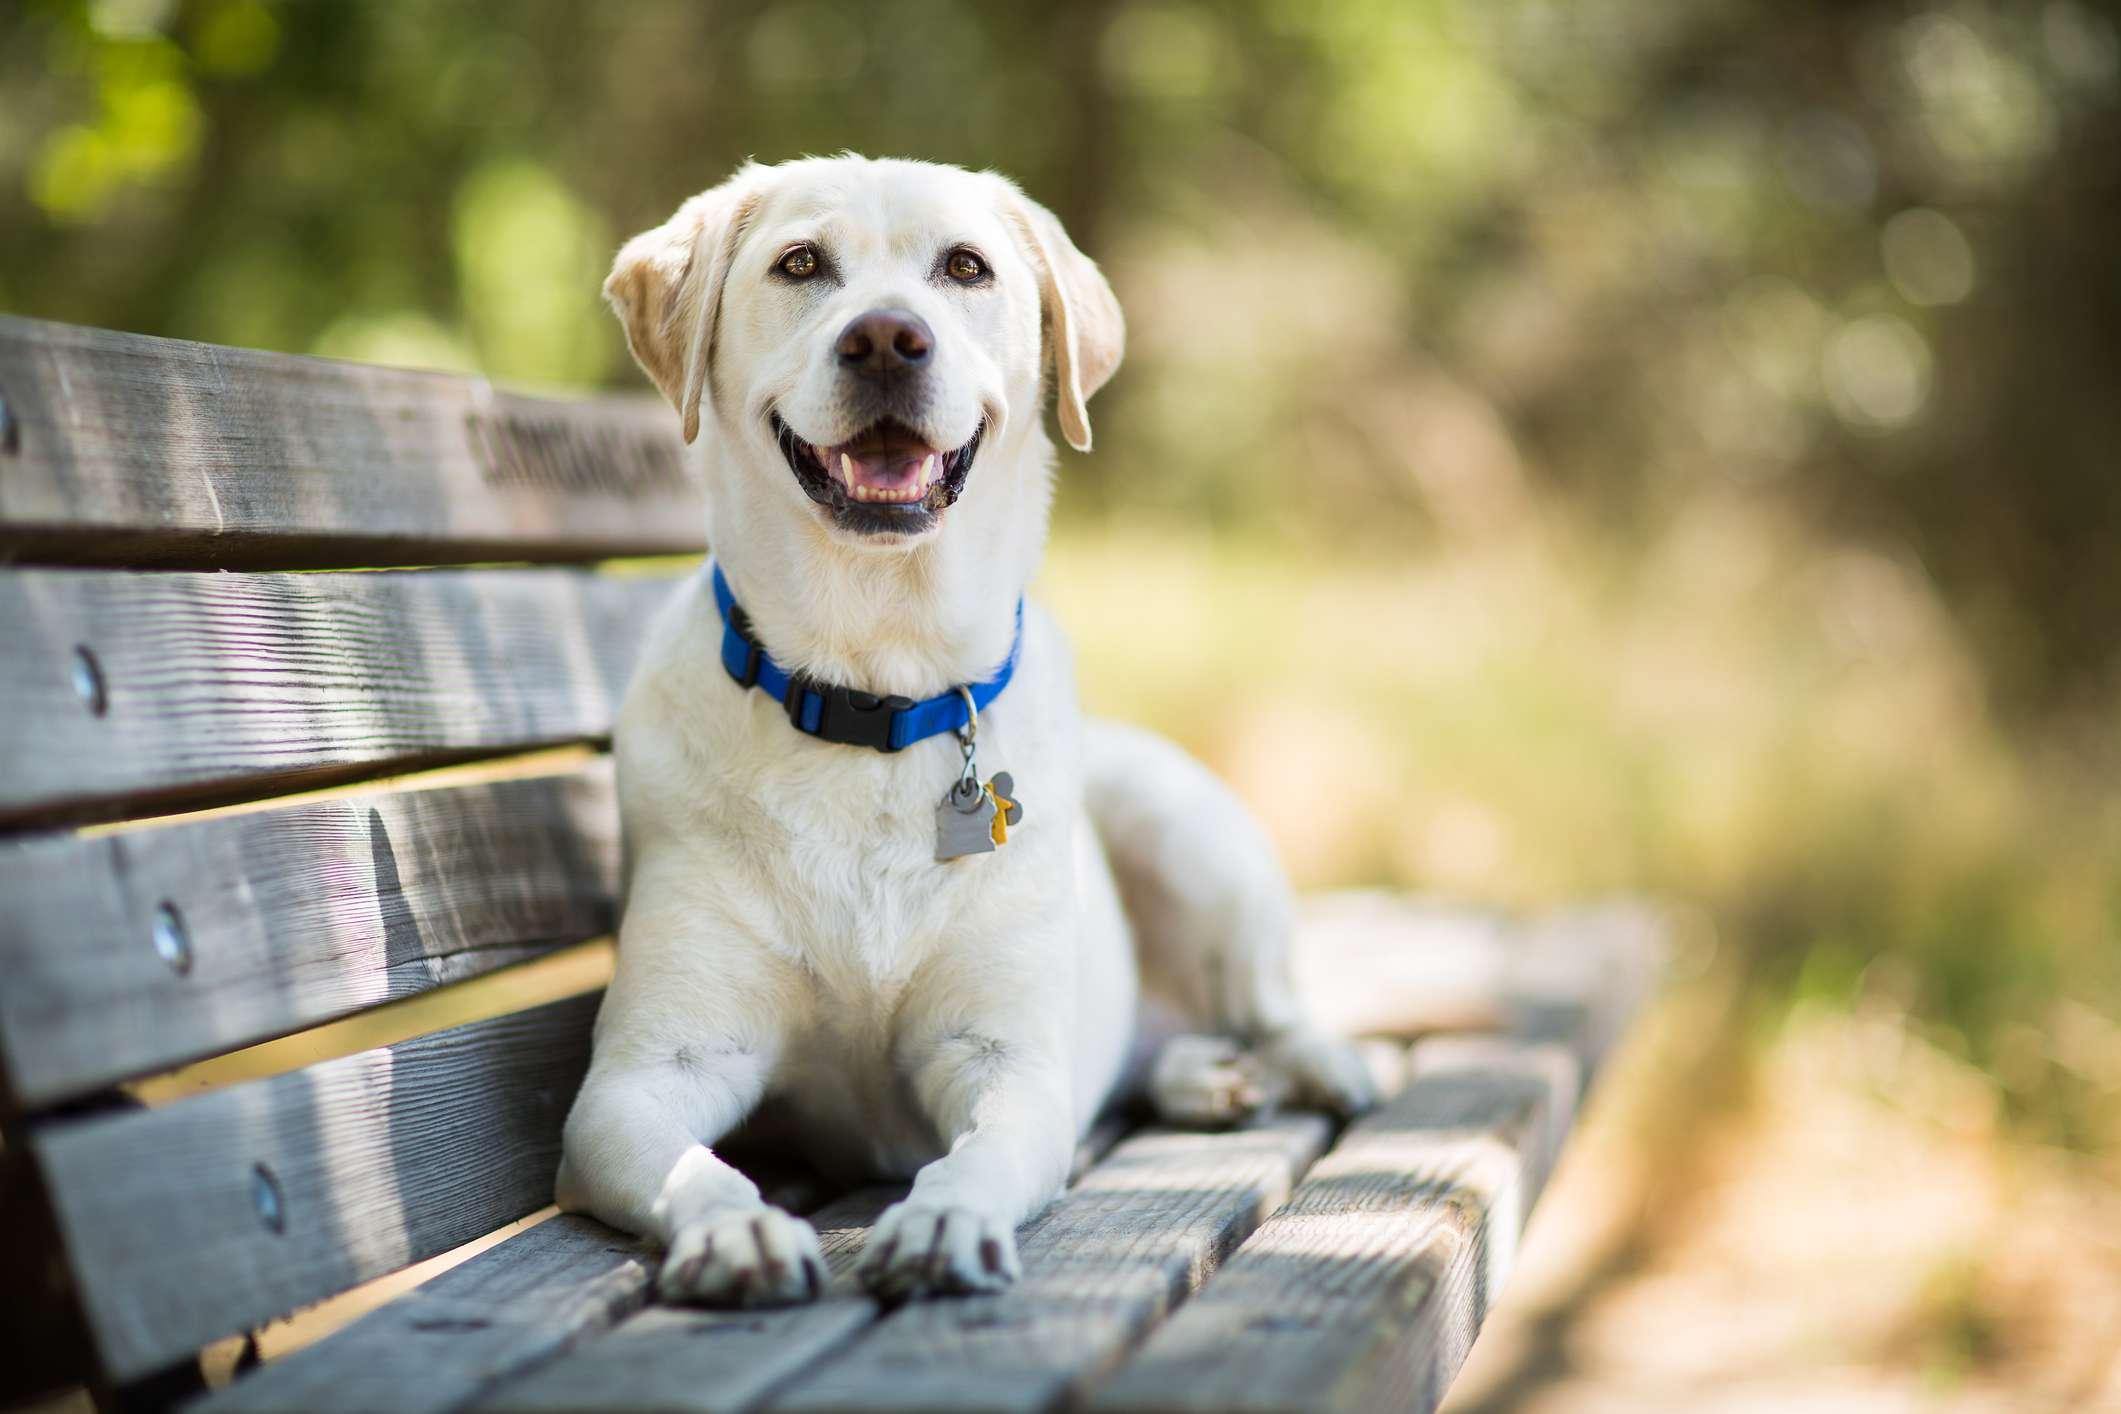 yellow Labrador retriever on bench